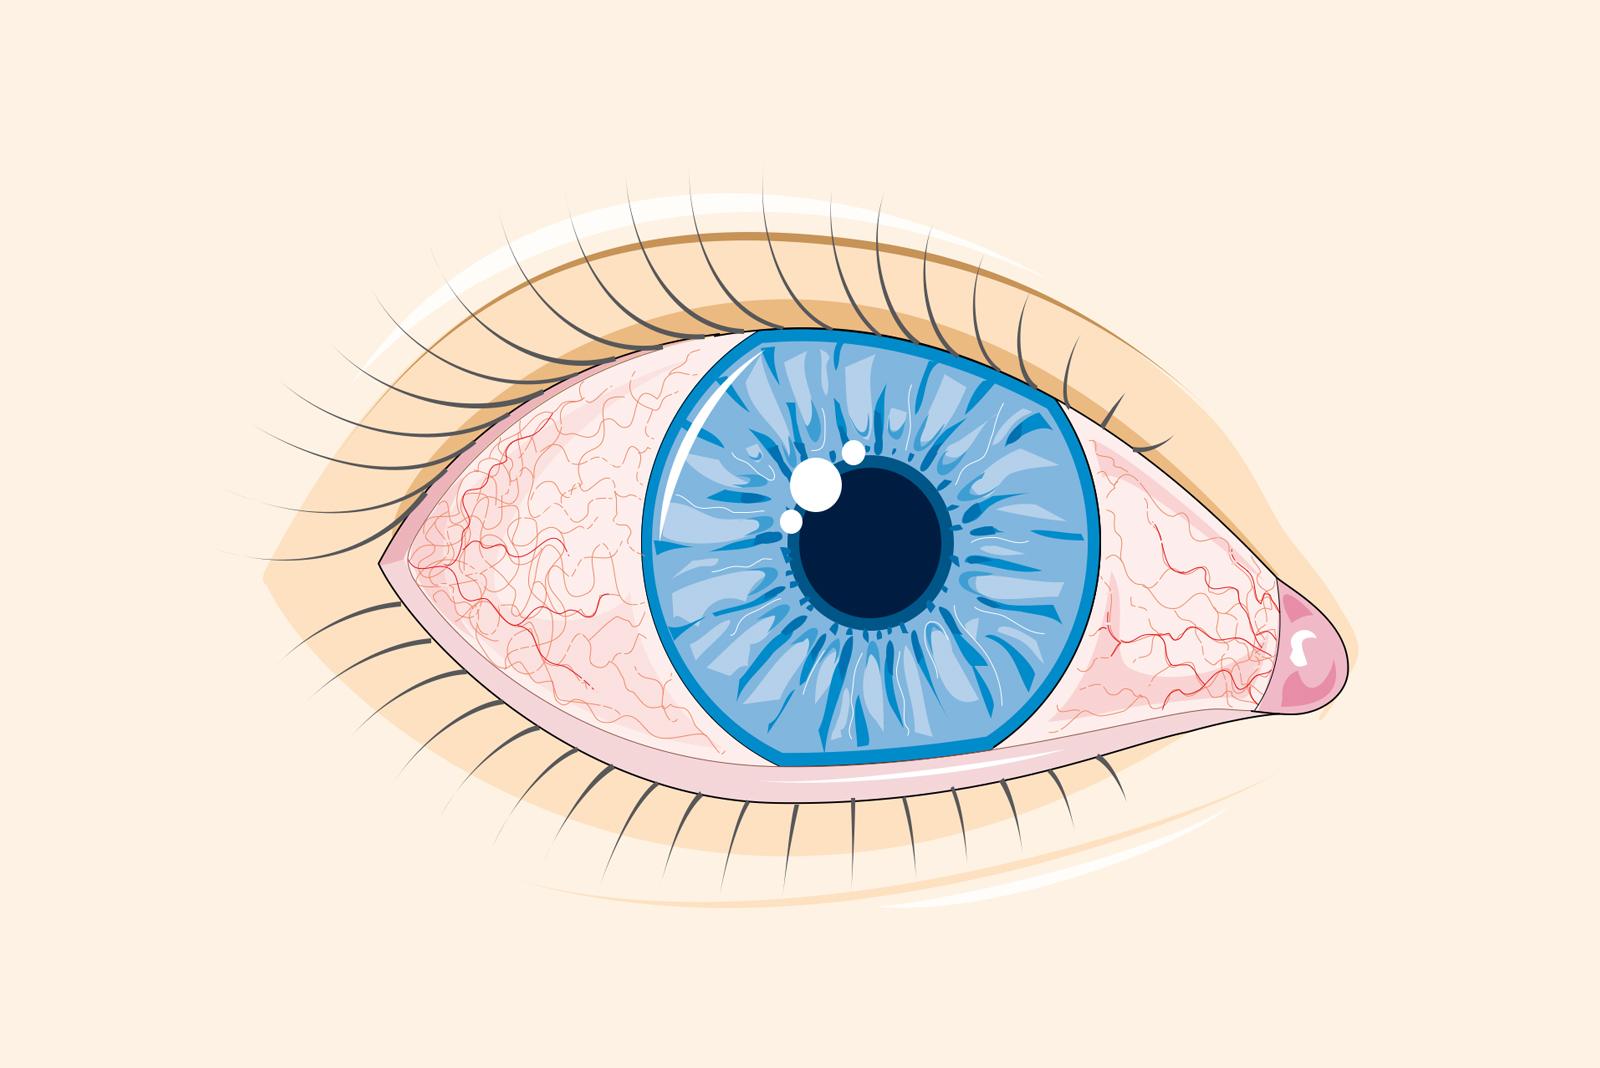 vedere încețoșată și cercuri în fața ochilor vederea poate provoca amețeli